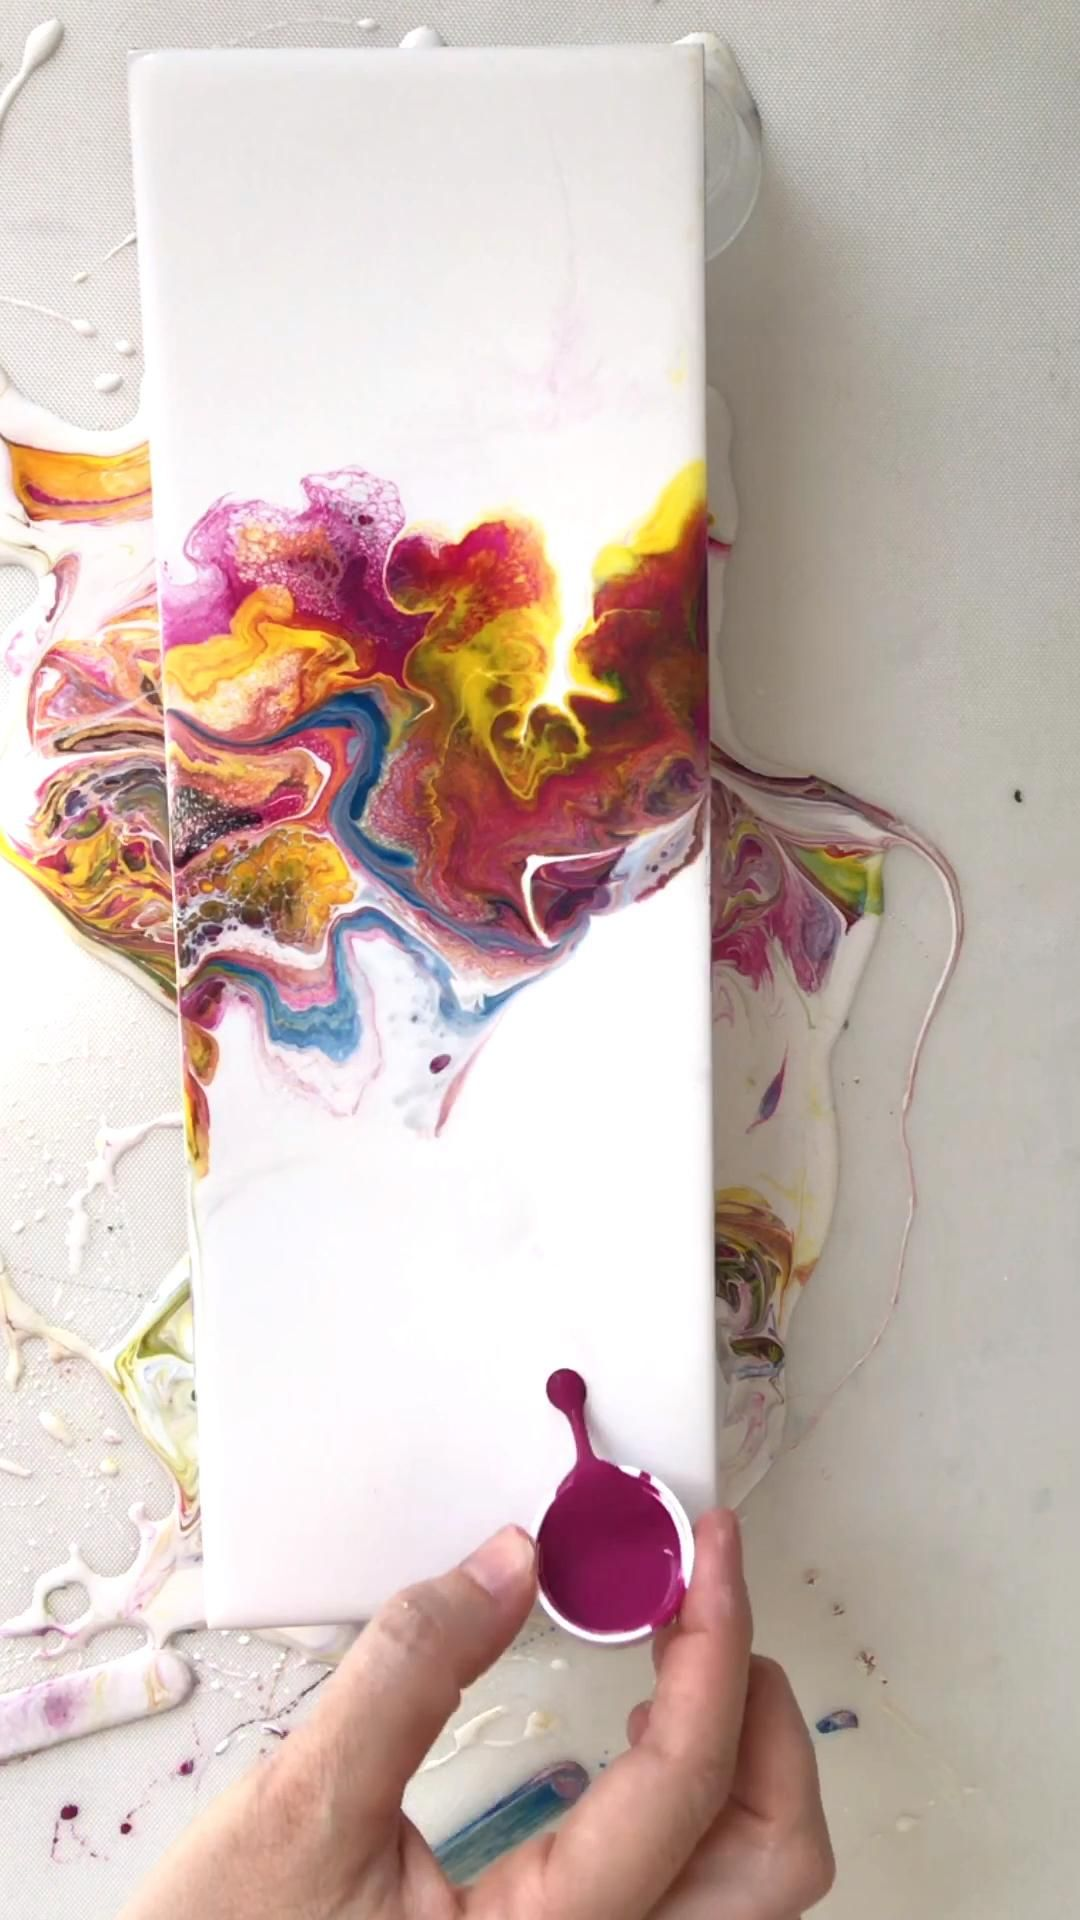 Acrylic Paint Pouring - Dutch Pour